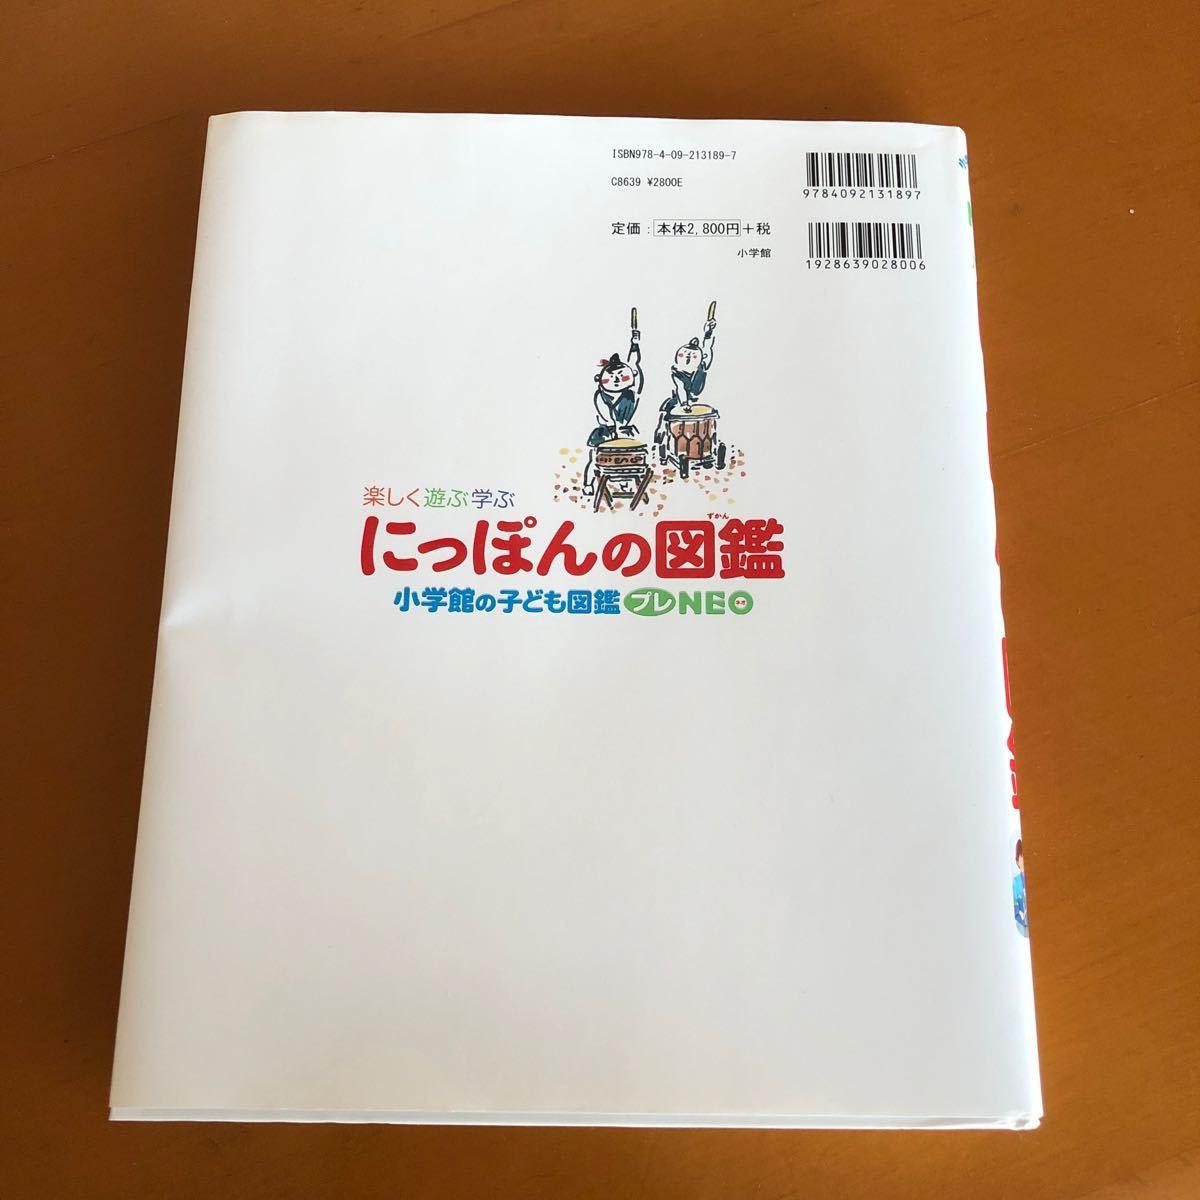 にっぽんの図鑑 (小学館の子ども図鑑プレNEO) (幼児~小学生向け)